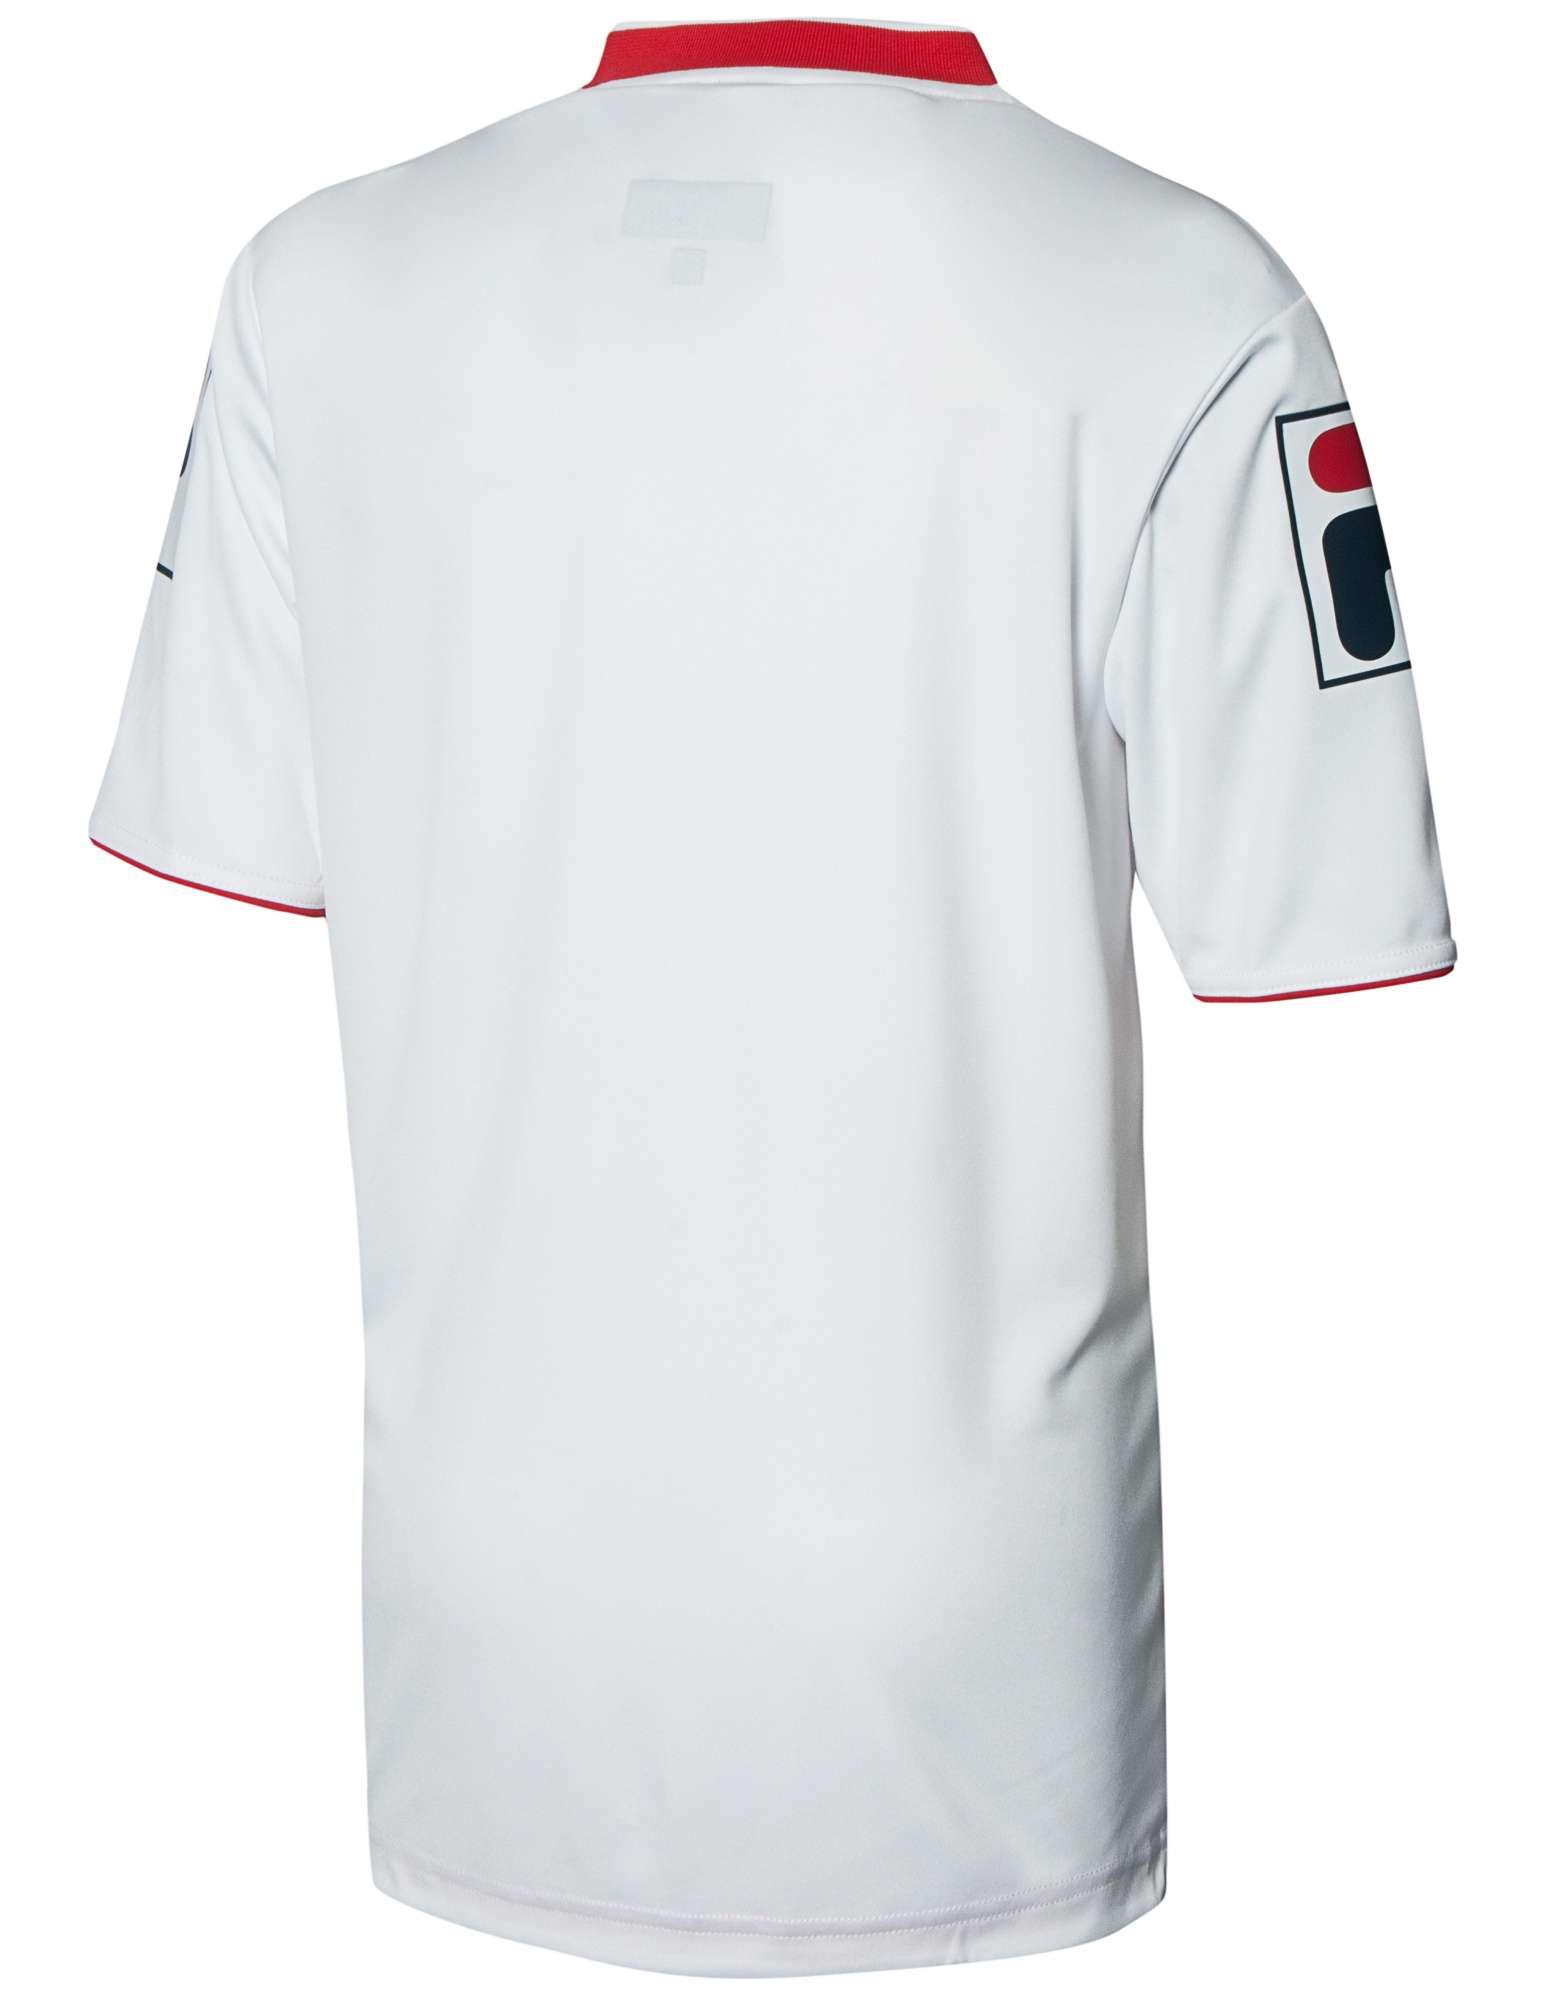 Fila Stevenage 2013/14 Home Shirt Junior